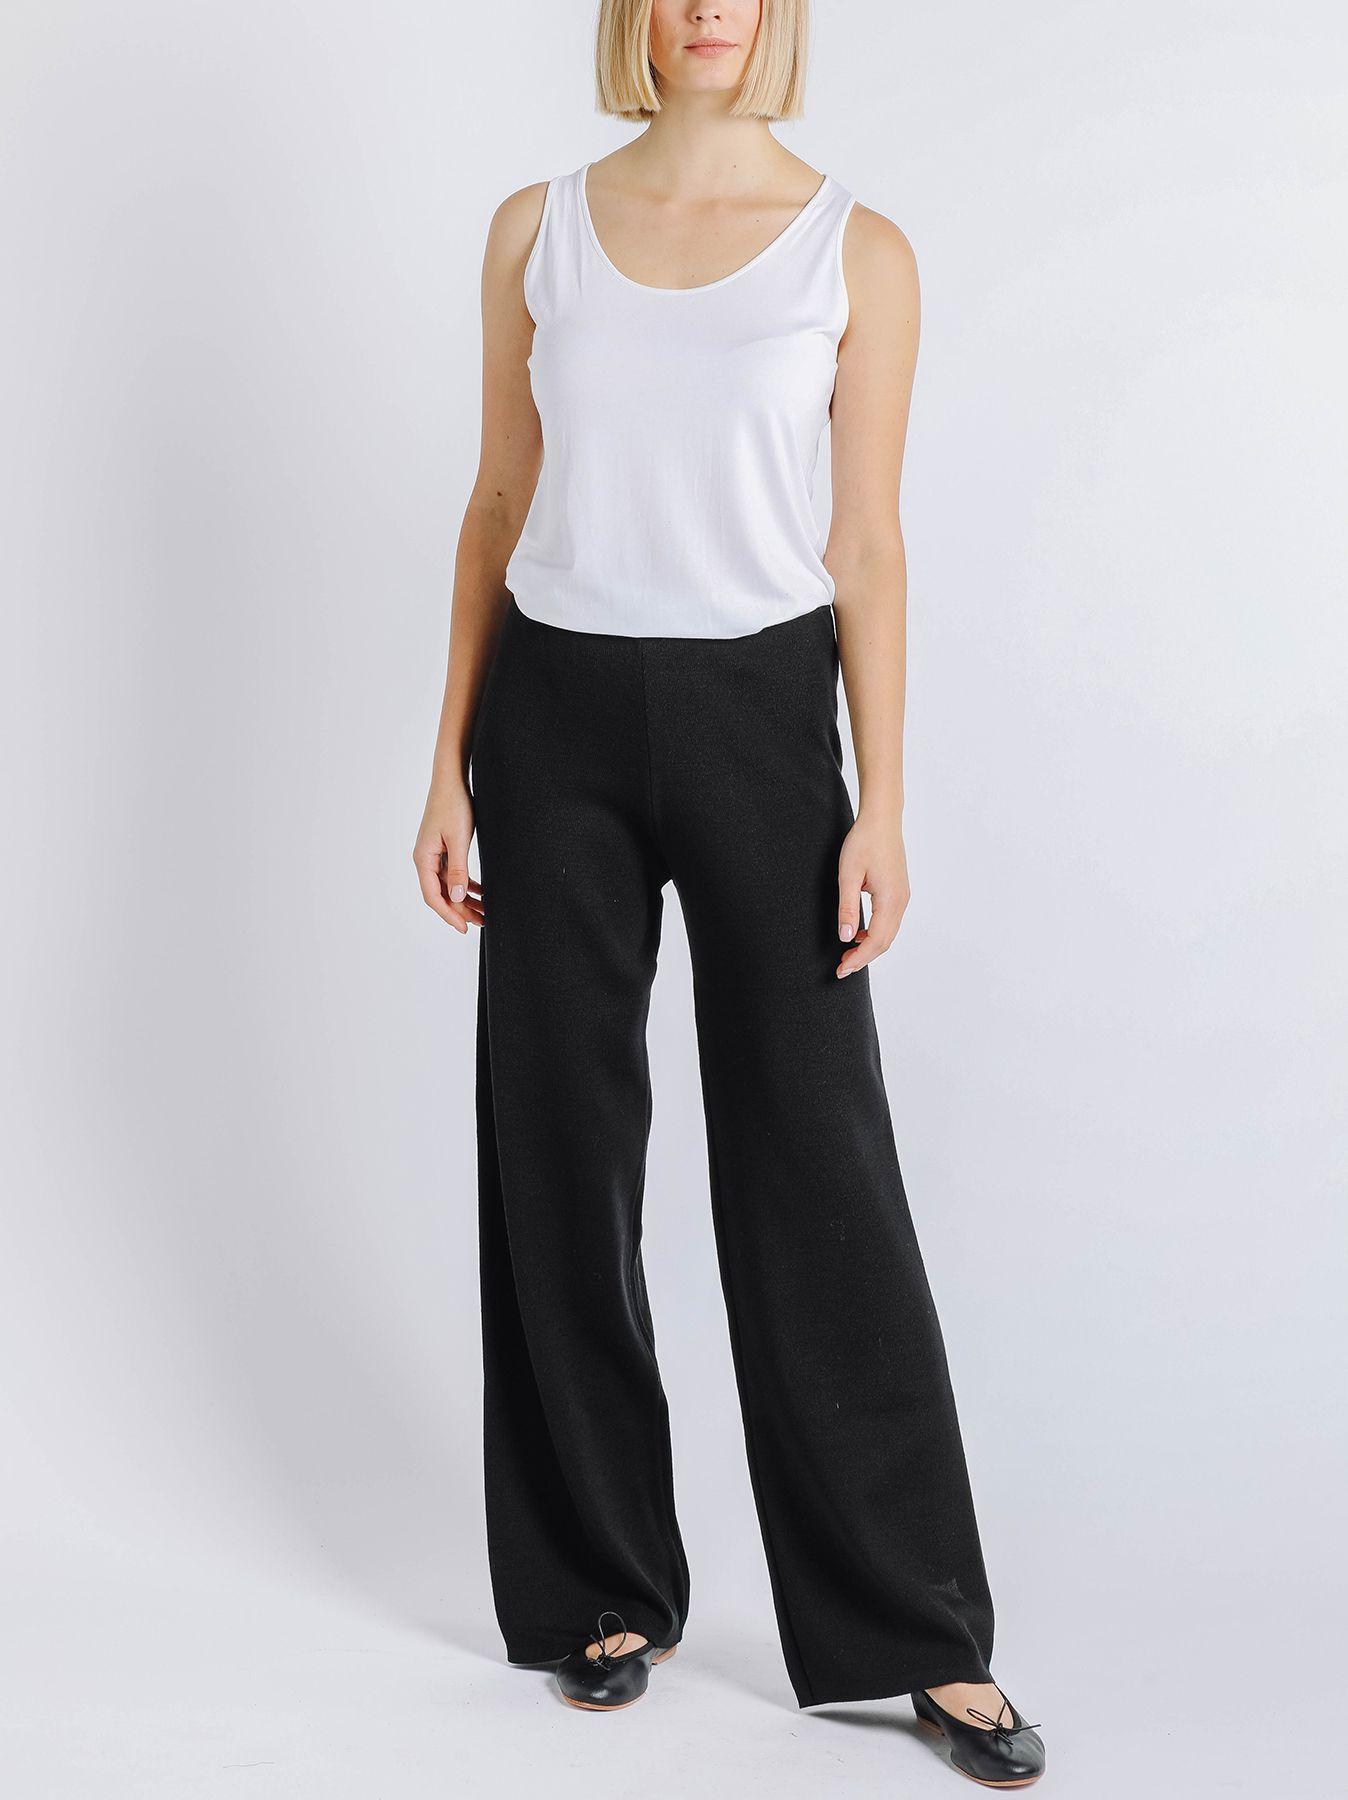 Pantalone elastico in maglia NERO